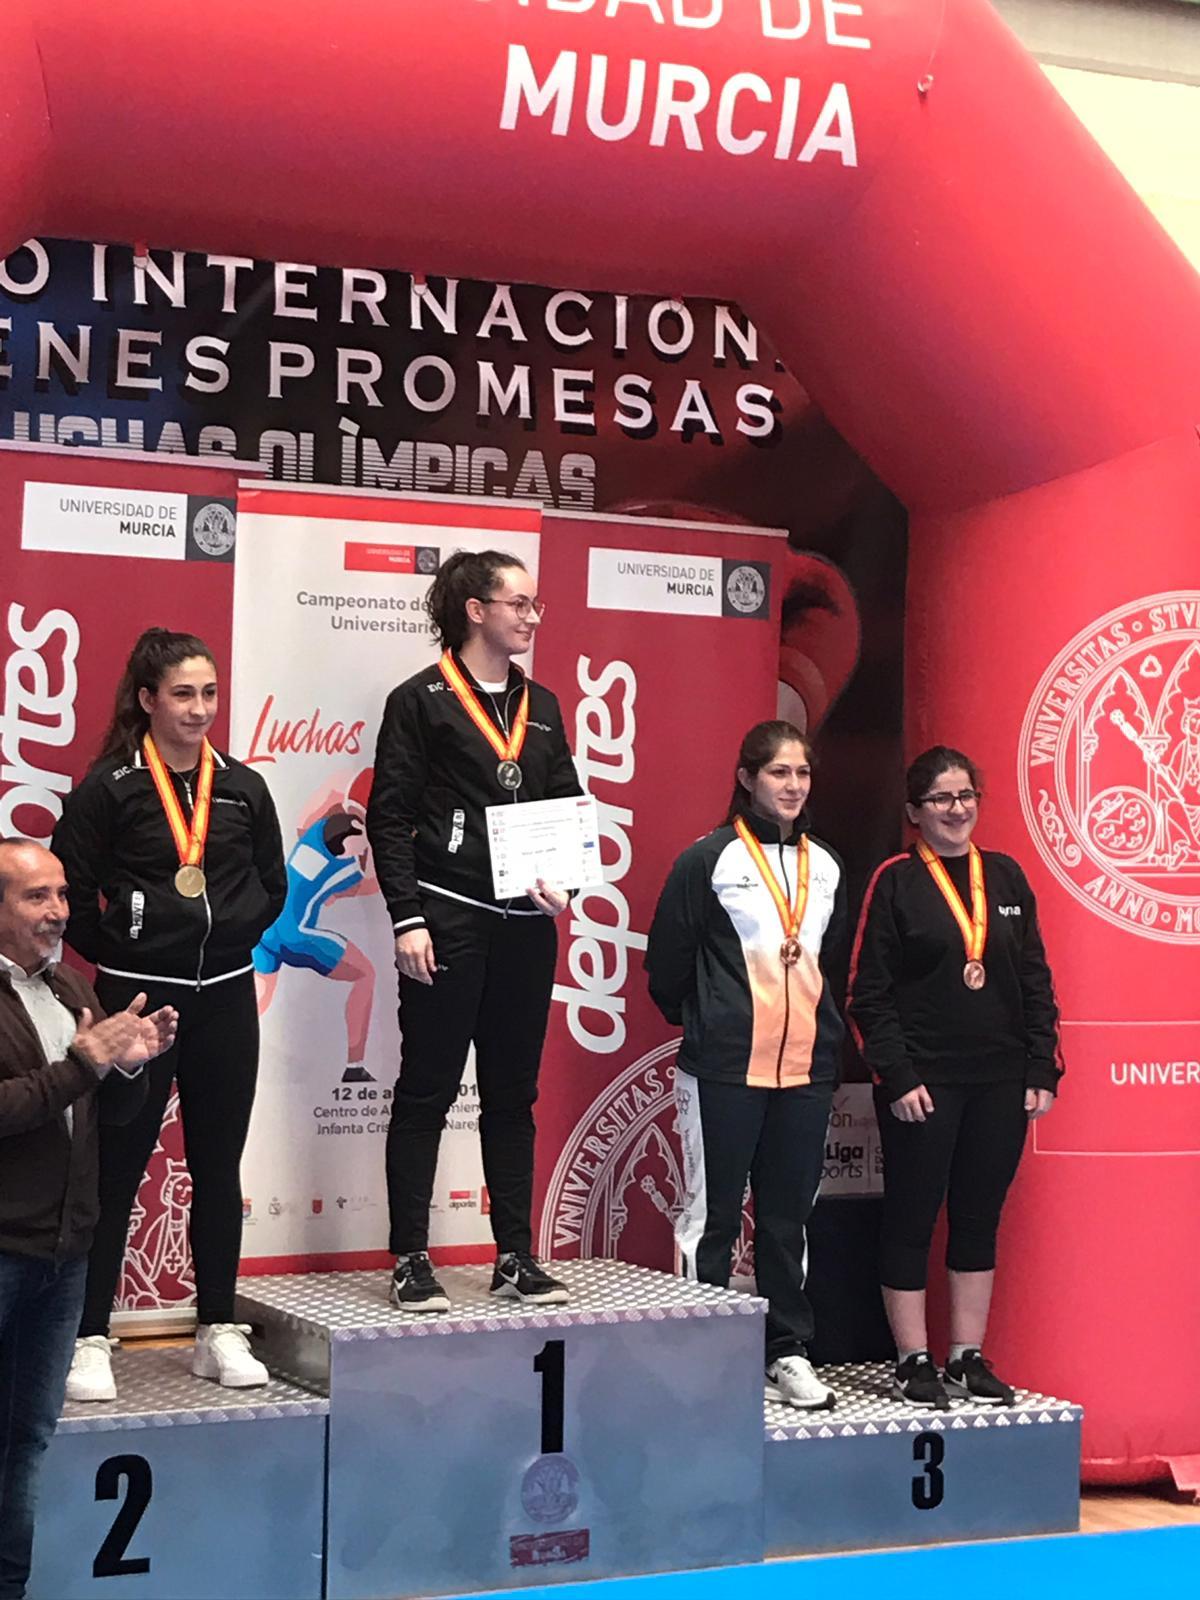 Podio del Campeonato de España Universitario de Luchas Olímpicas. La alumna de la UPNA Itziar Rekalde (primera por la derecha), con su medalla de bronce.